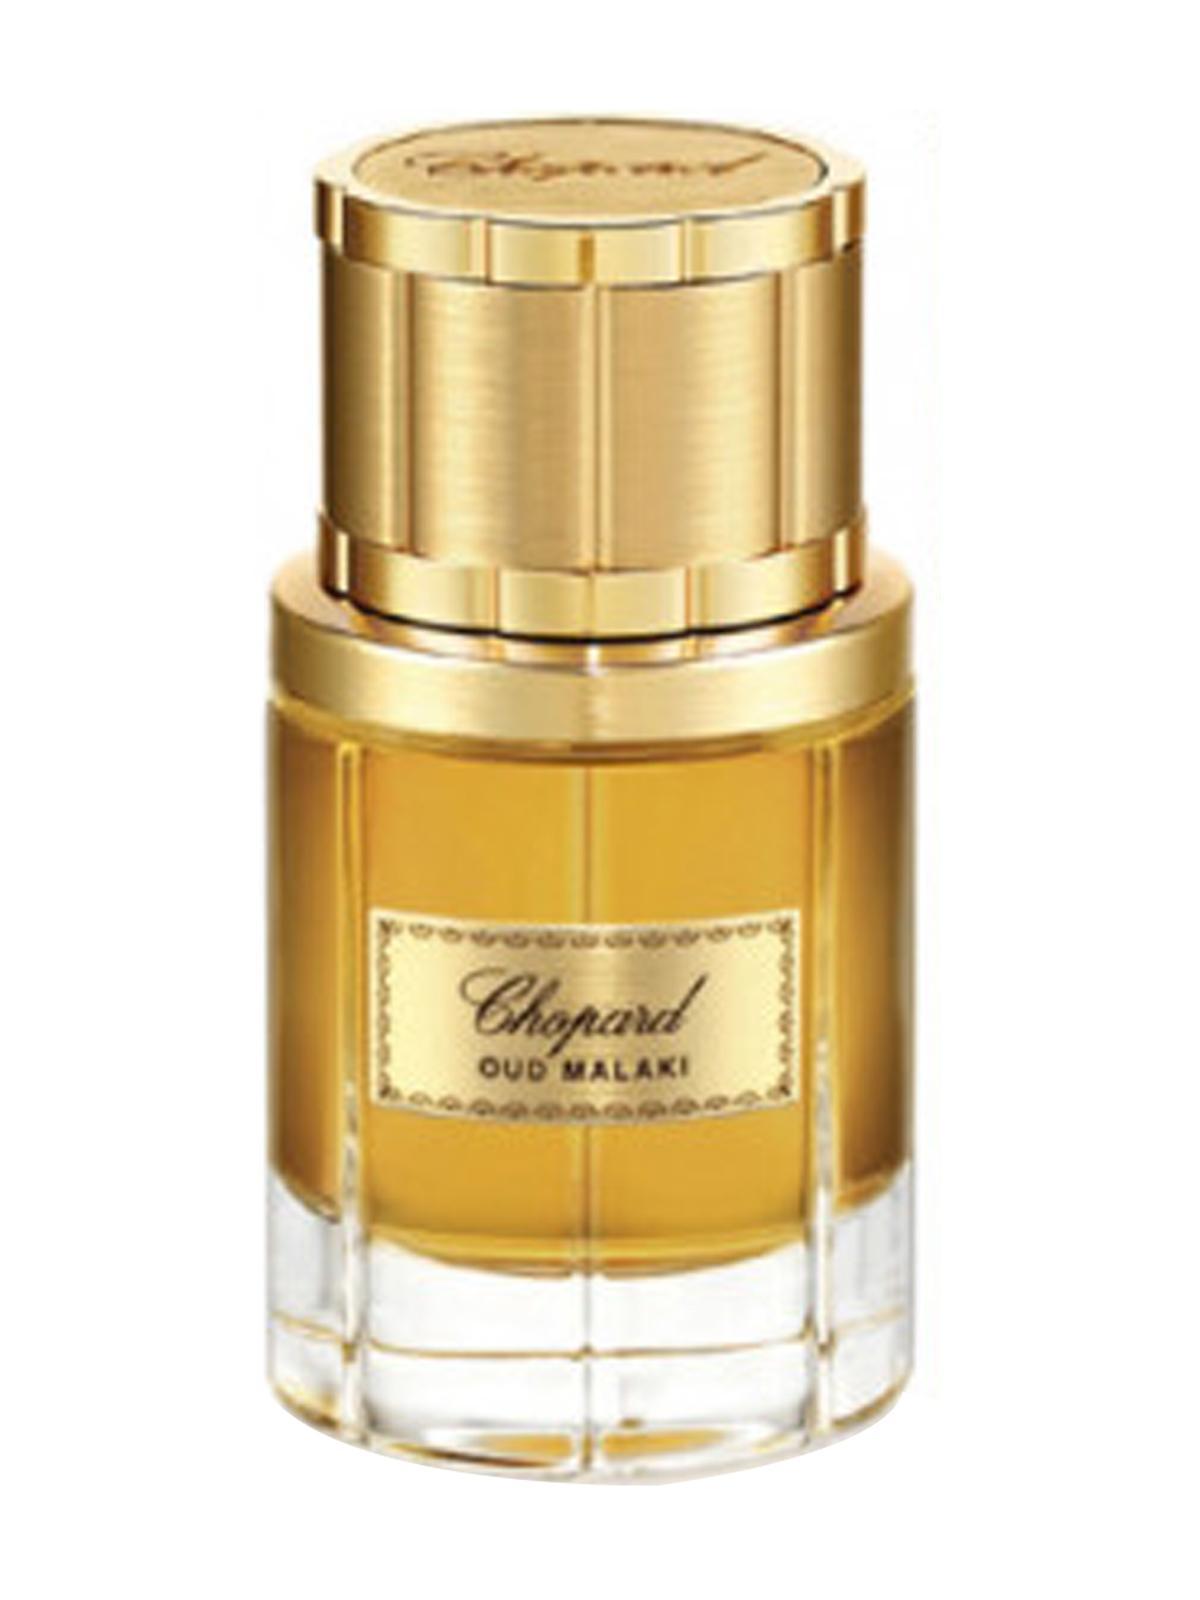 Chopard Oud Malaki For Men Eau De Parfum 80ML